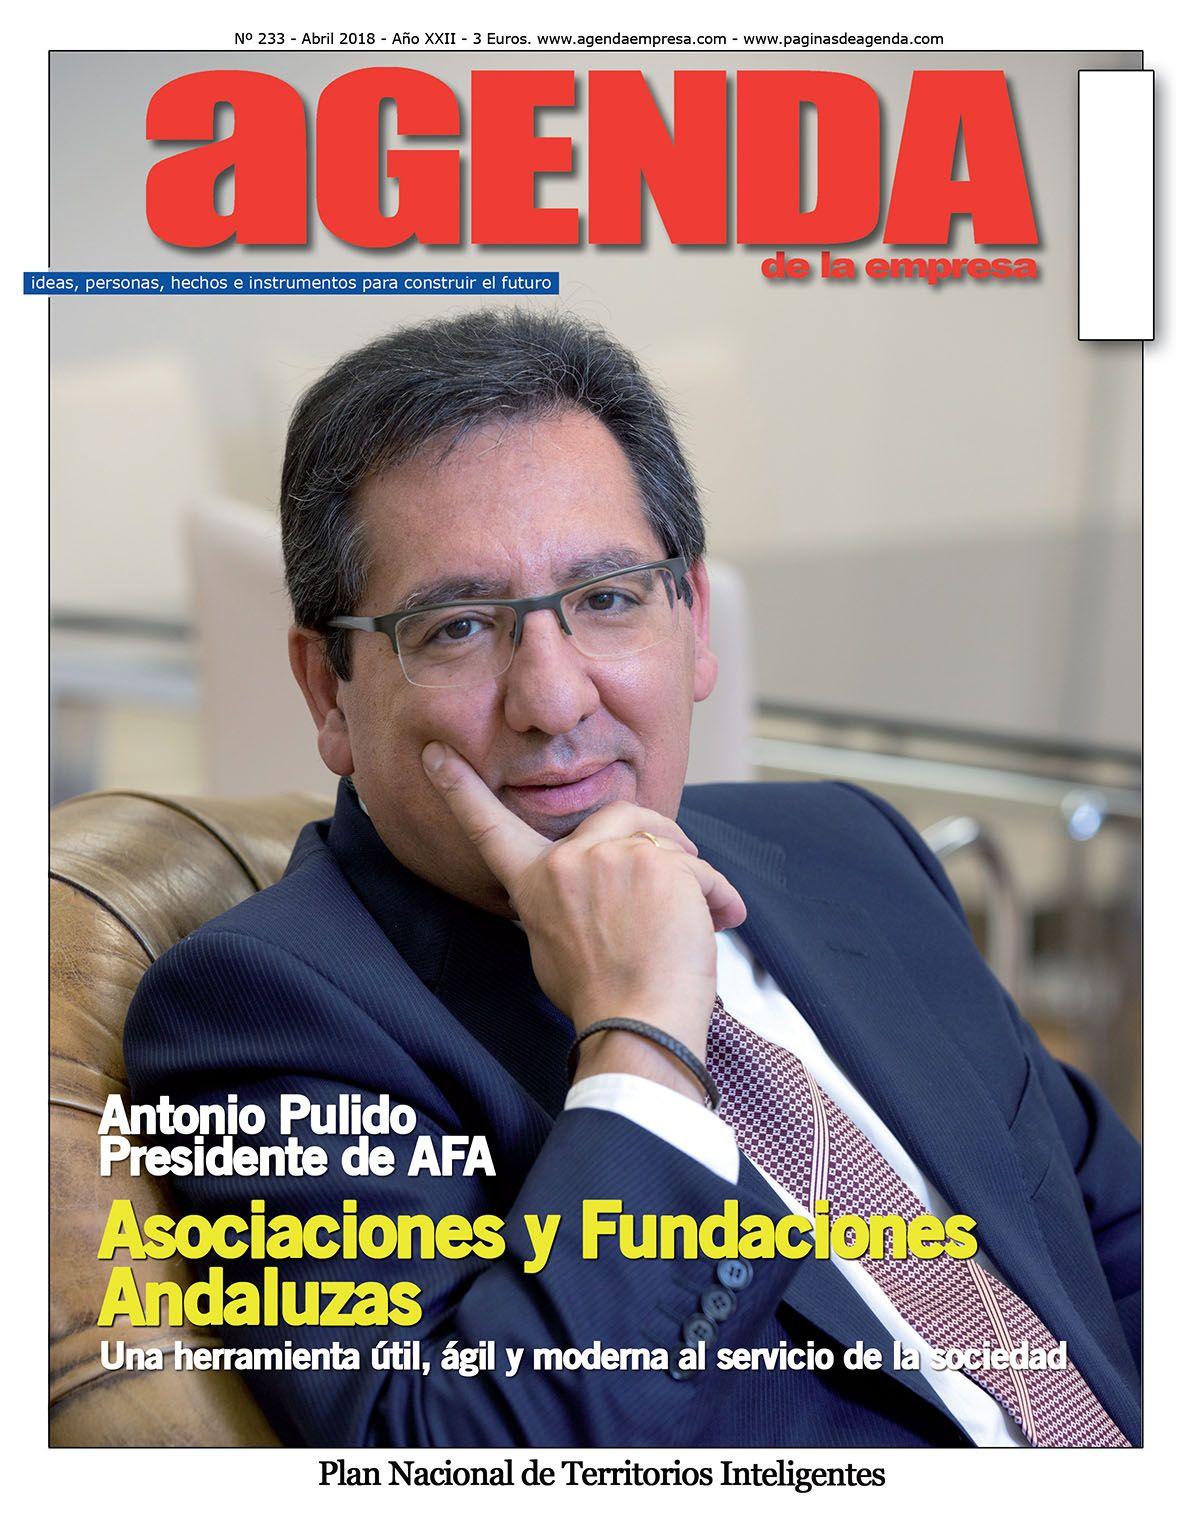 Entrevista con Manuel Bellido para el número 233 de la revista Agenda de la Empresa, en el que hablamos de la Asociaciones y Fundaciones Andaluzas y su labor en Andalucía y España.